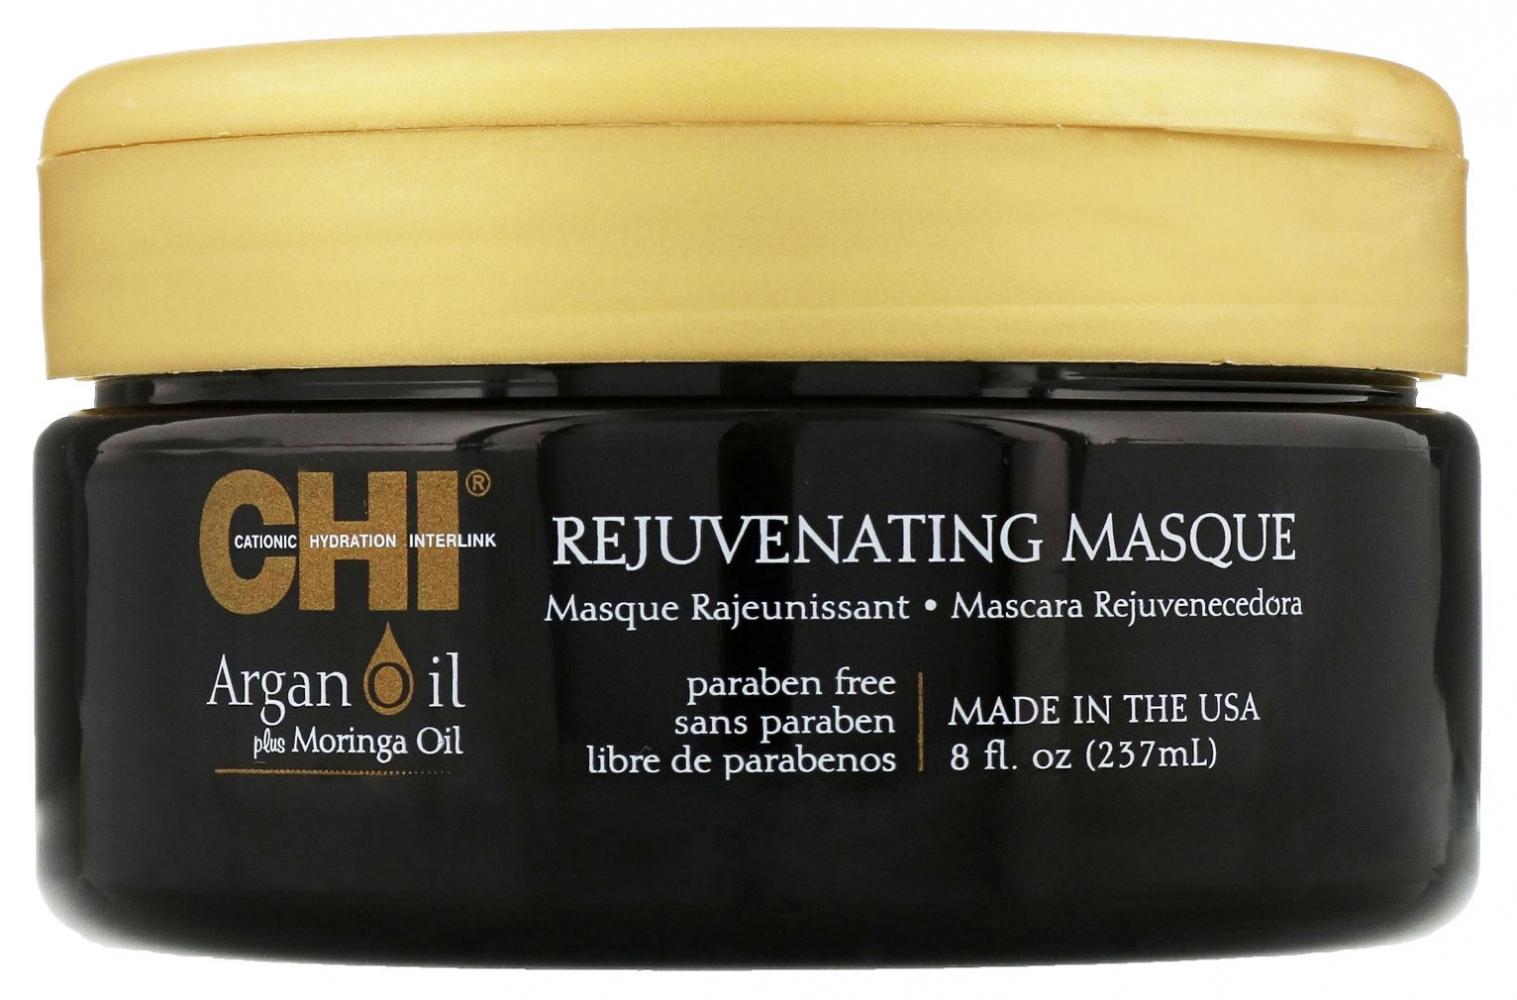 Маска восстанавливающая омолаживающая с маслом арганы для волос Chi Argan Oil Rejuvenating Masque 237ml 0 - Фото 1